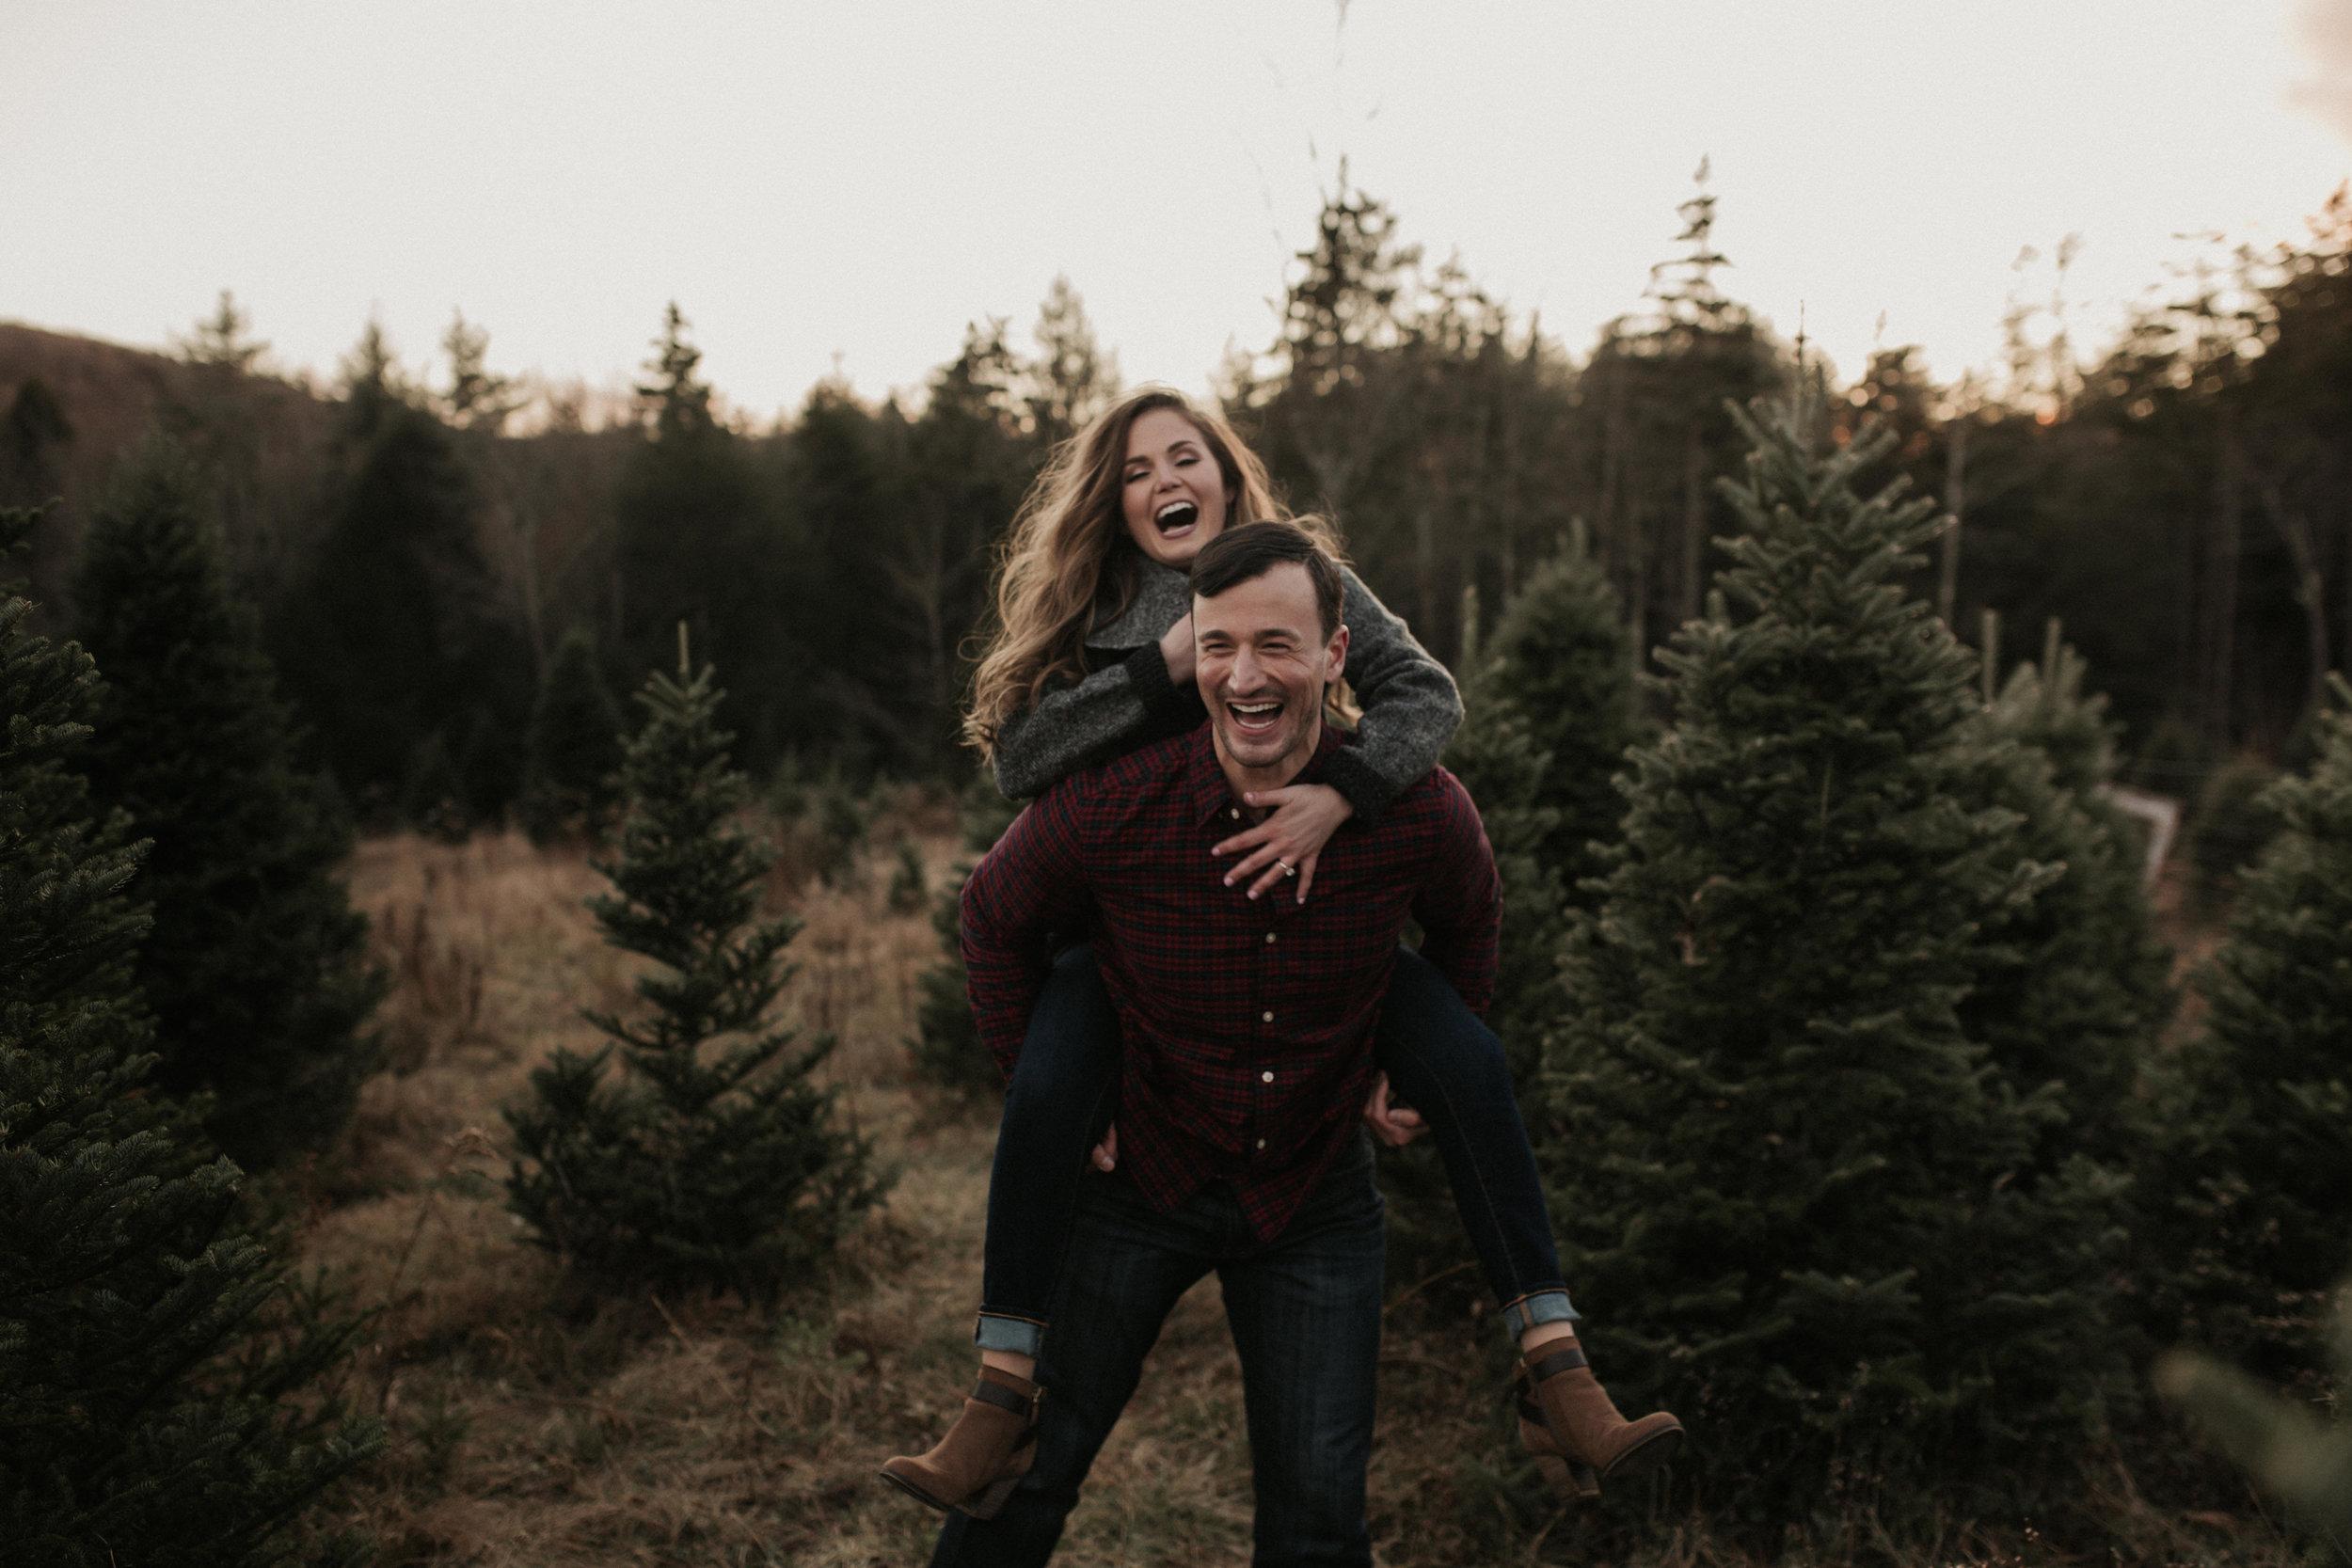 christmas_tree_farm_engagement_shoot_022.JPG